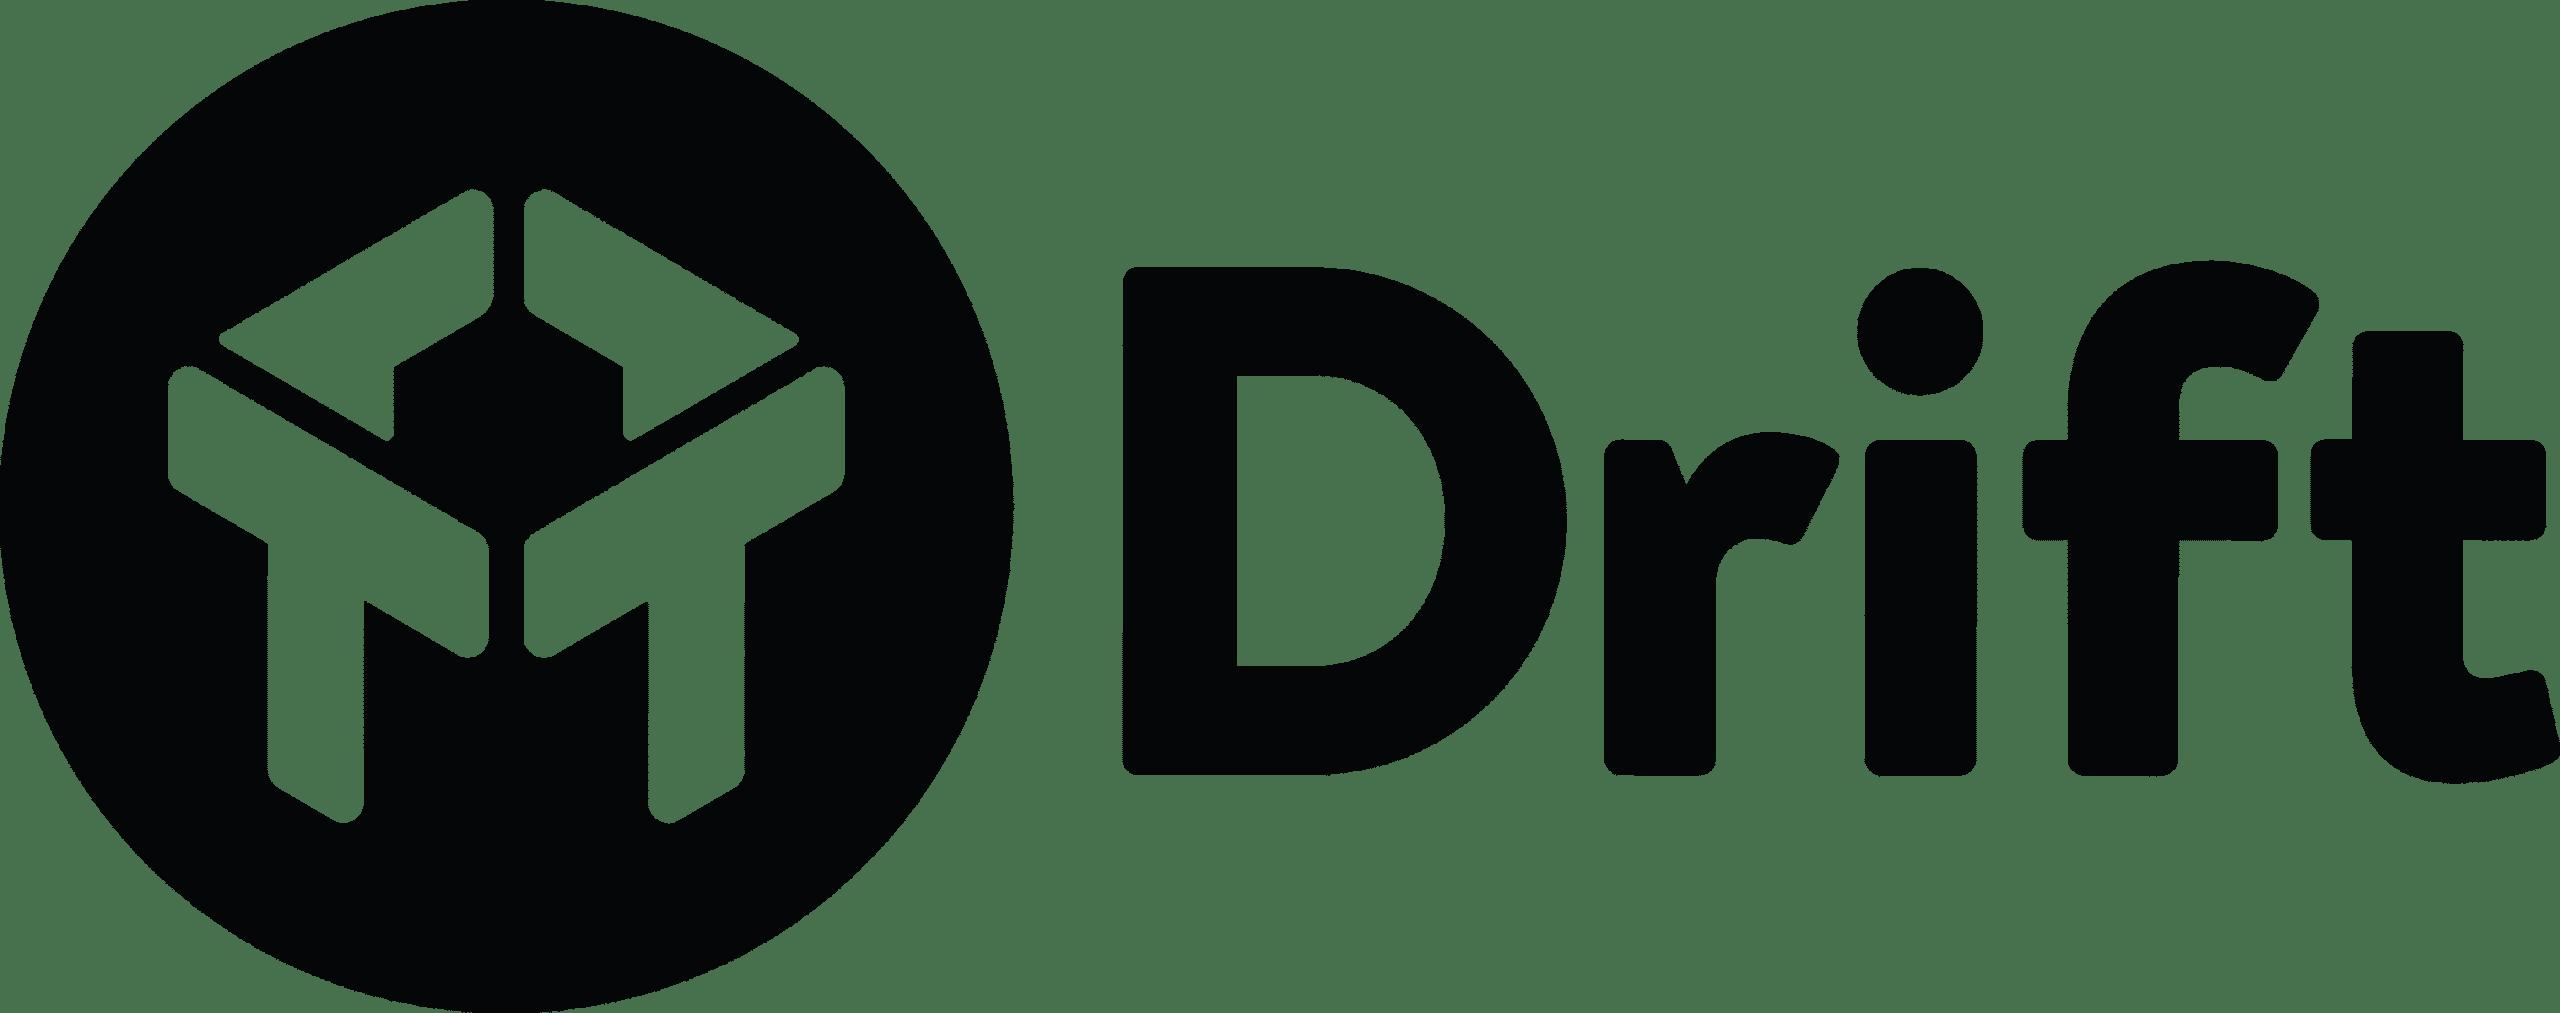 1903 Drift Logo MASTER